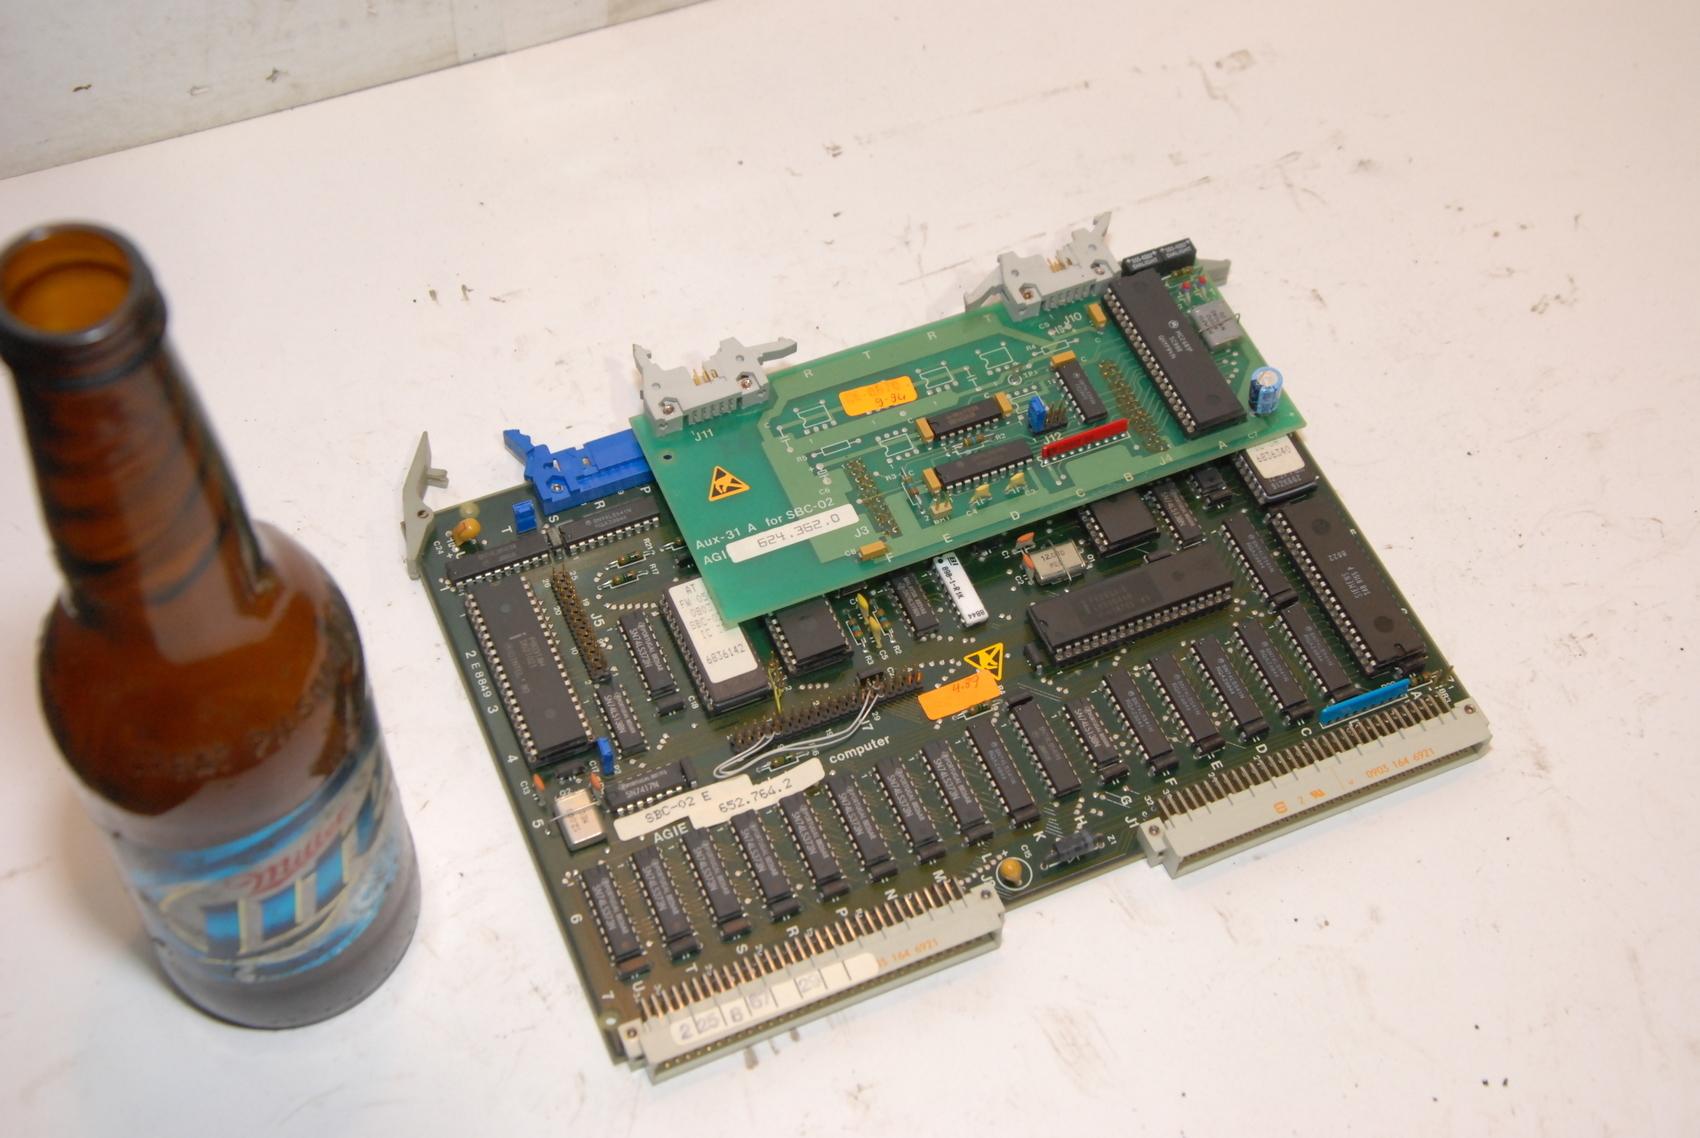 AGIE SBC-02A2,SBC02A2 629574.5 CIRCUIT BOARD